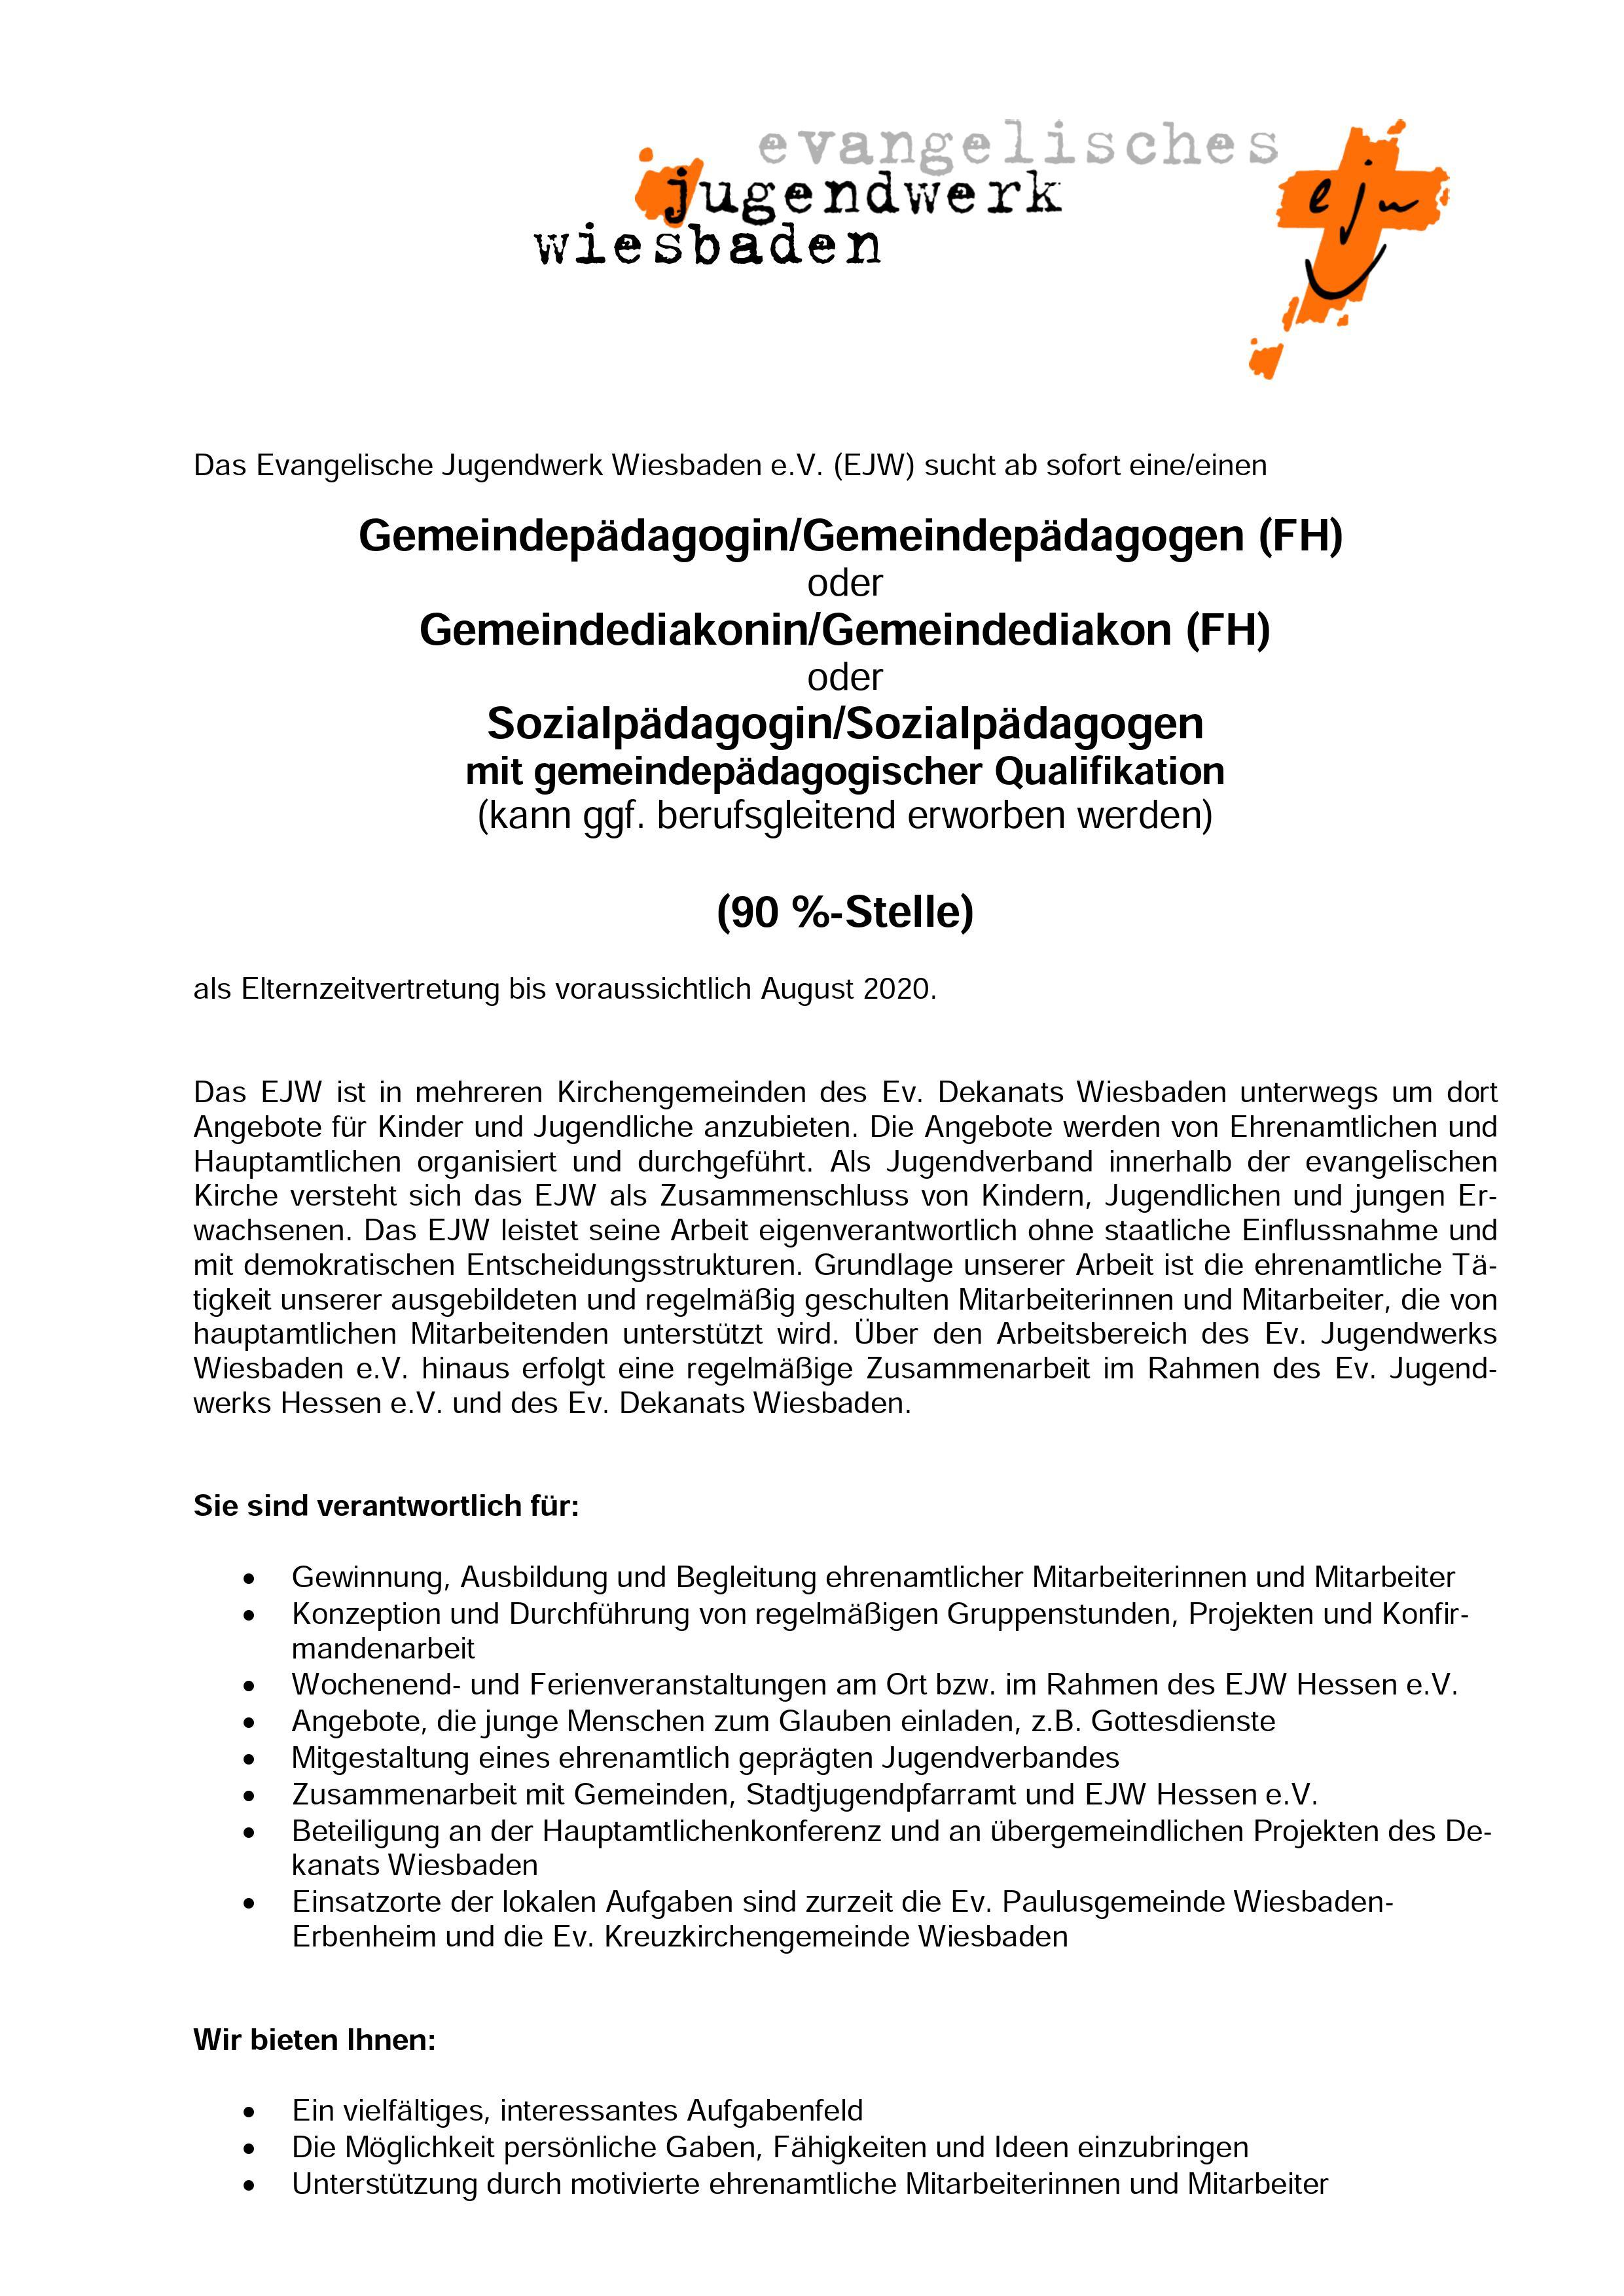 Großartig Arbeiter Setzen Probe Fort Ideen - Entry Level Resume ...